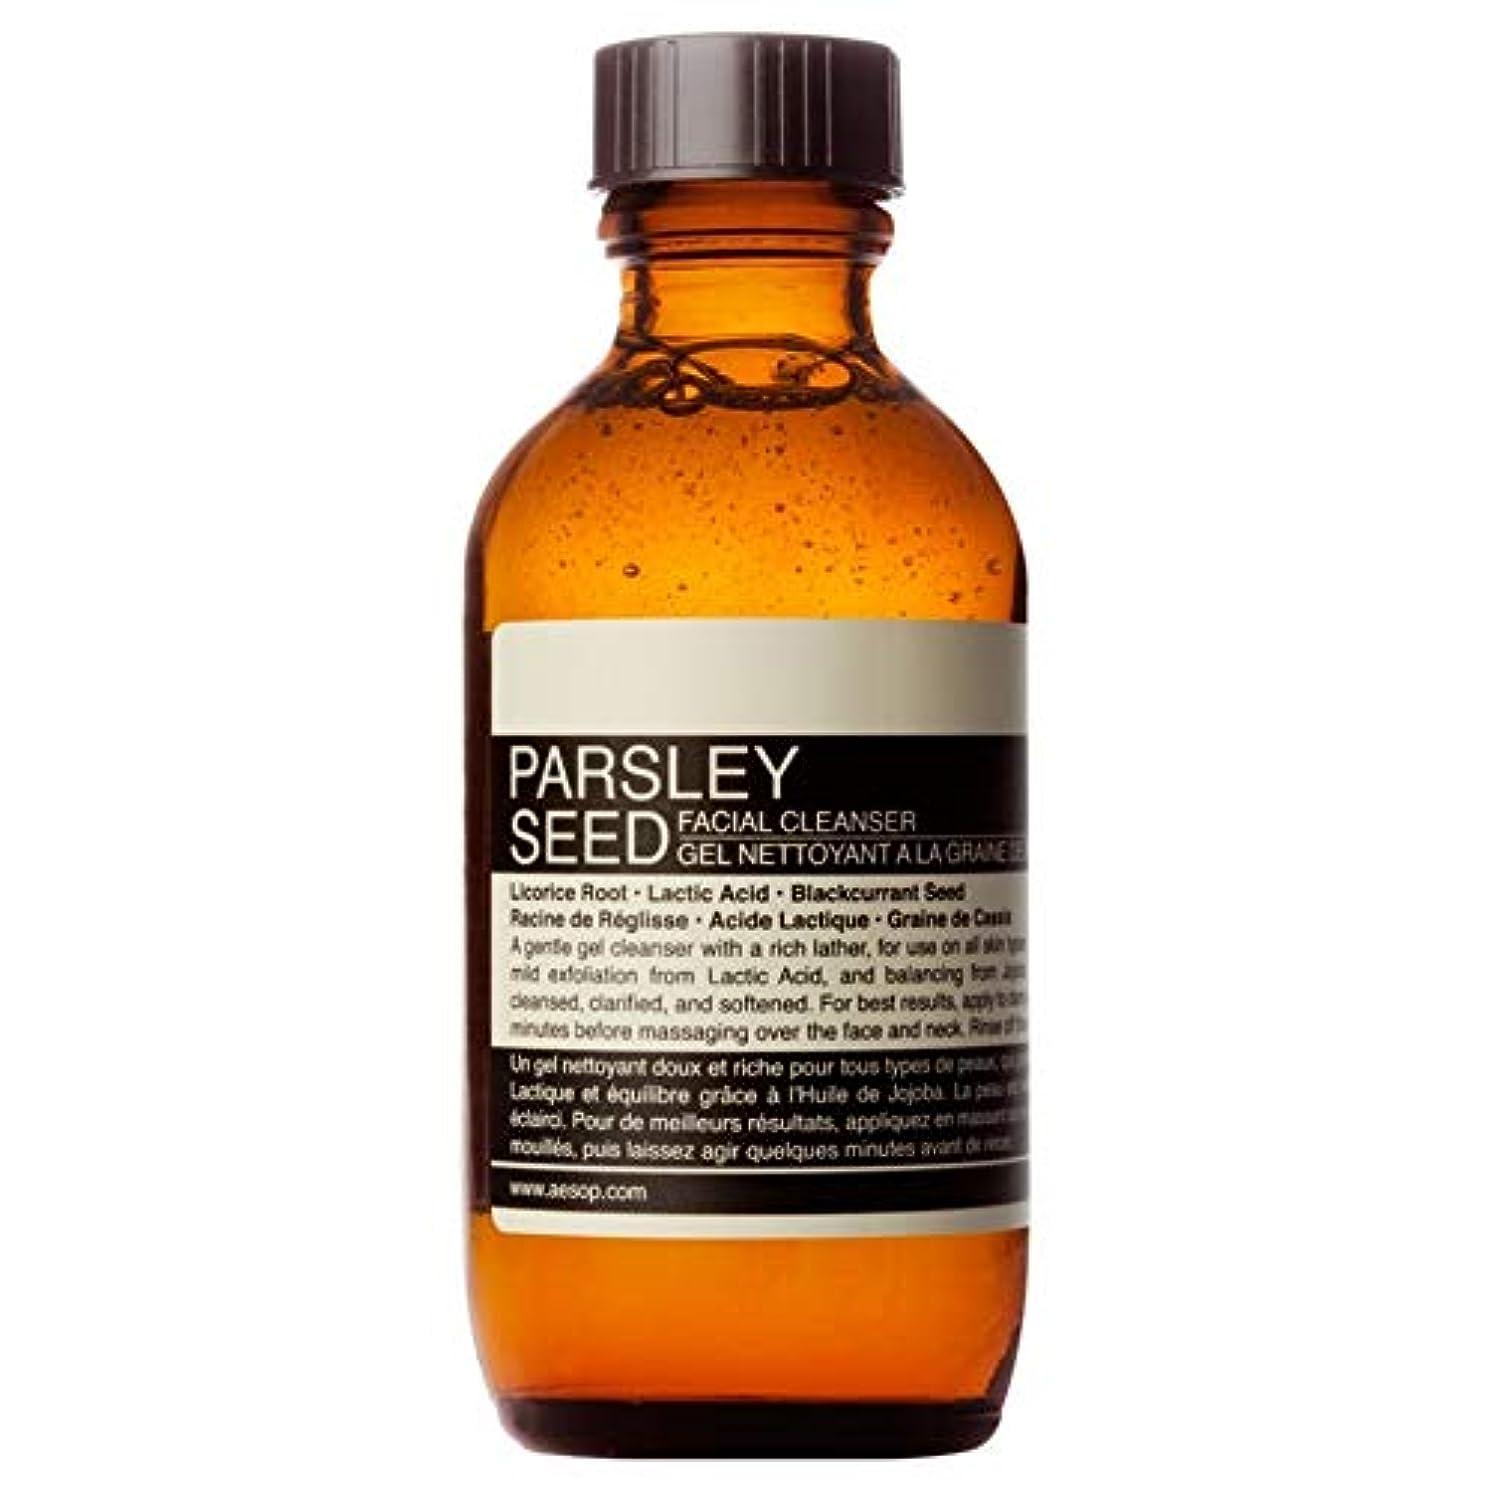 急流またね年金受給者[Aesop ] イソップパセリシード洗顔料の100ミリリットル - Aesop Parsley Seed Facial Cleanser 100ml [並行輸入品]